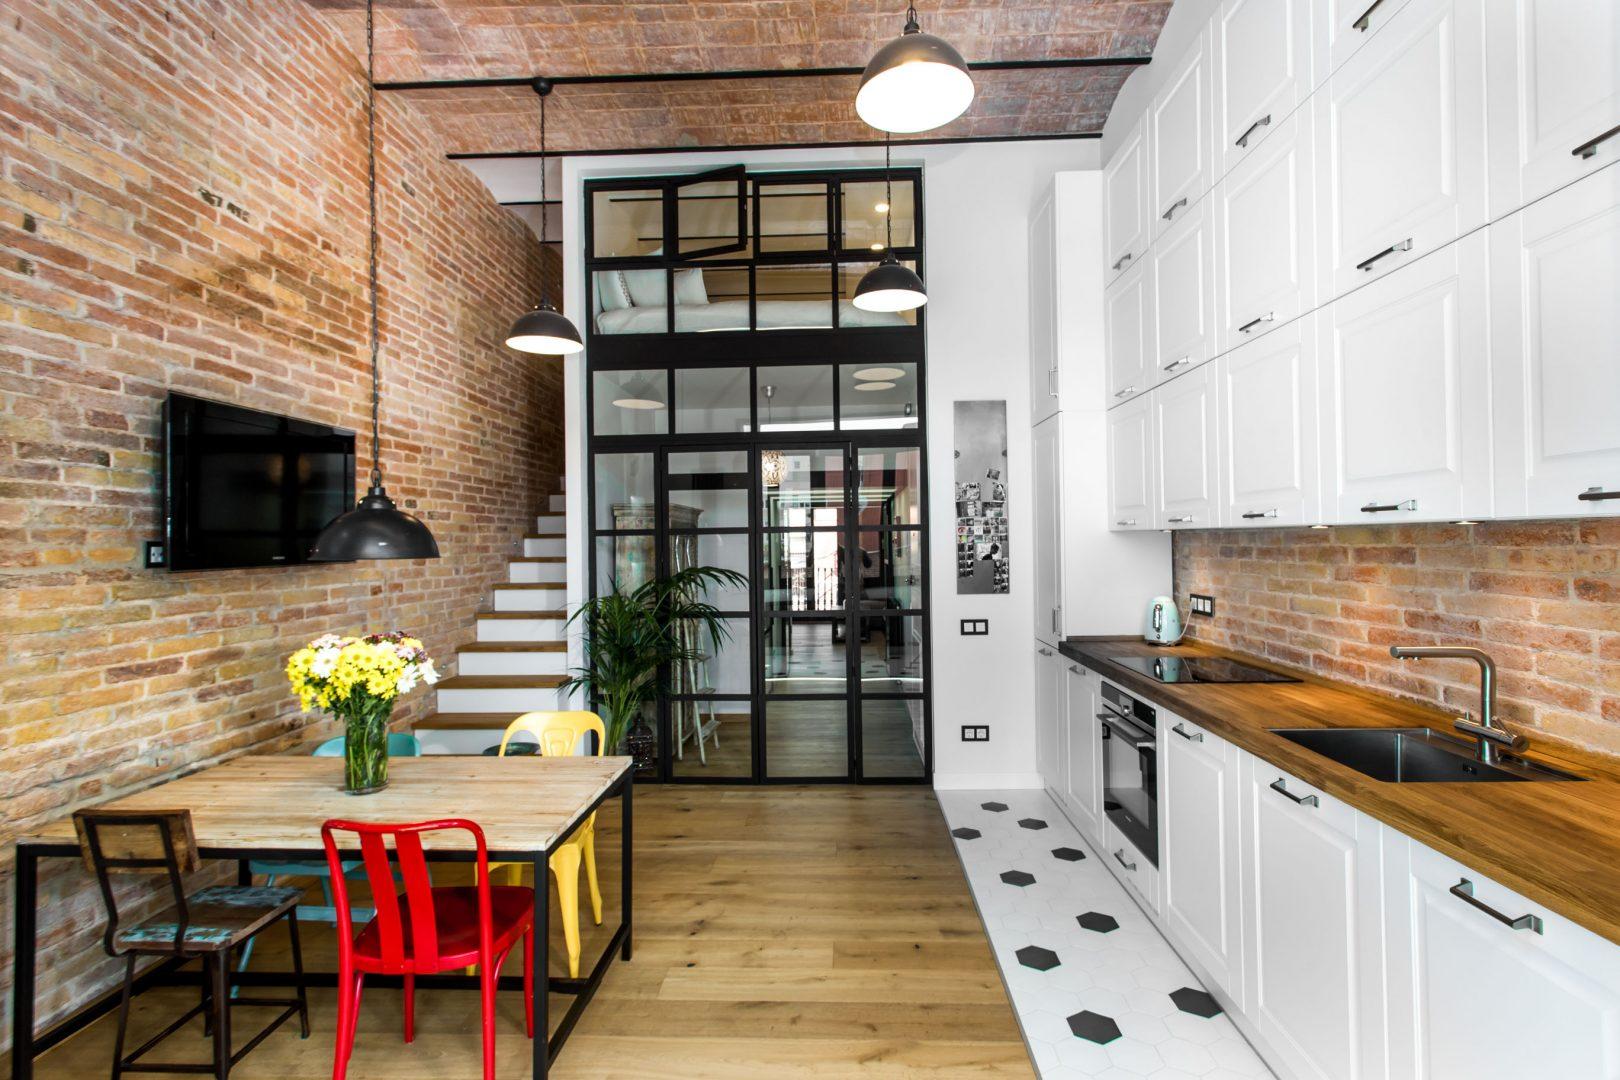 Puertas correderas estilo industrial para tu casa, todo lo que necesitas saber